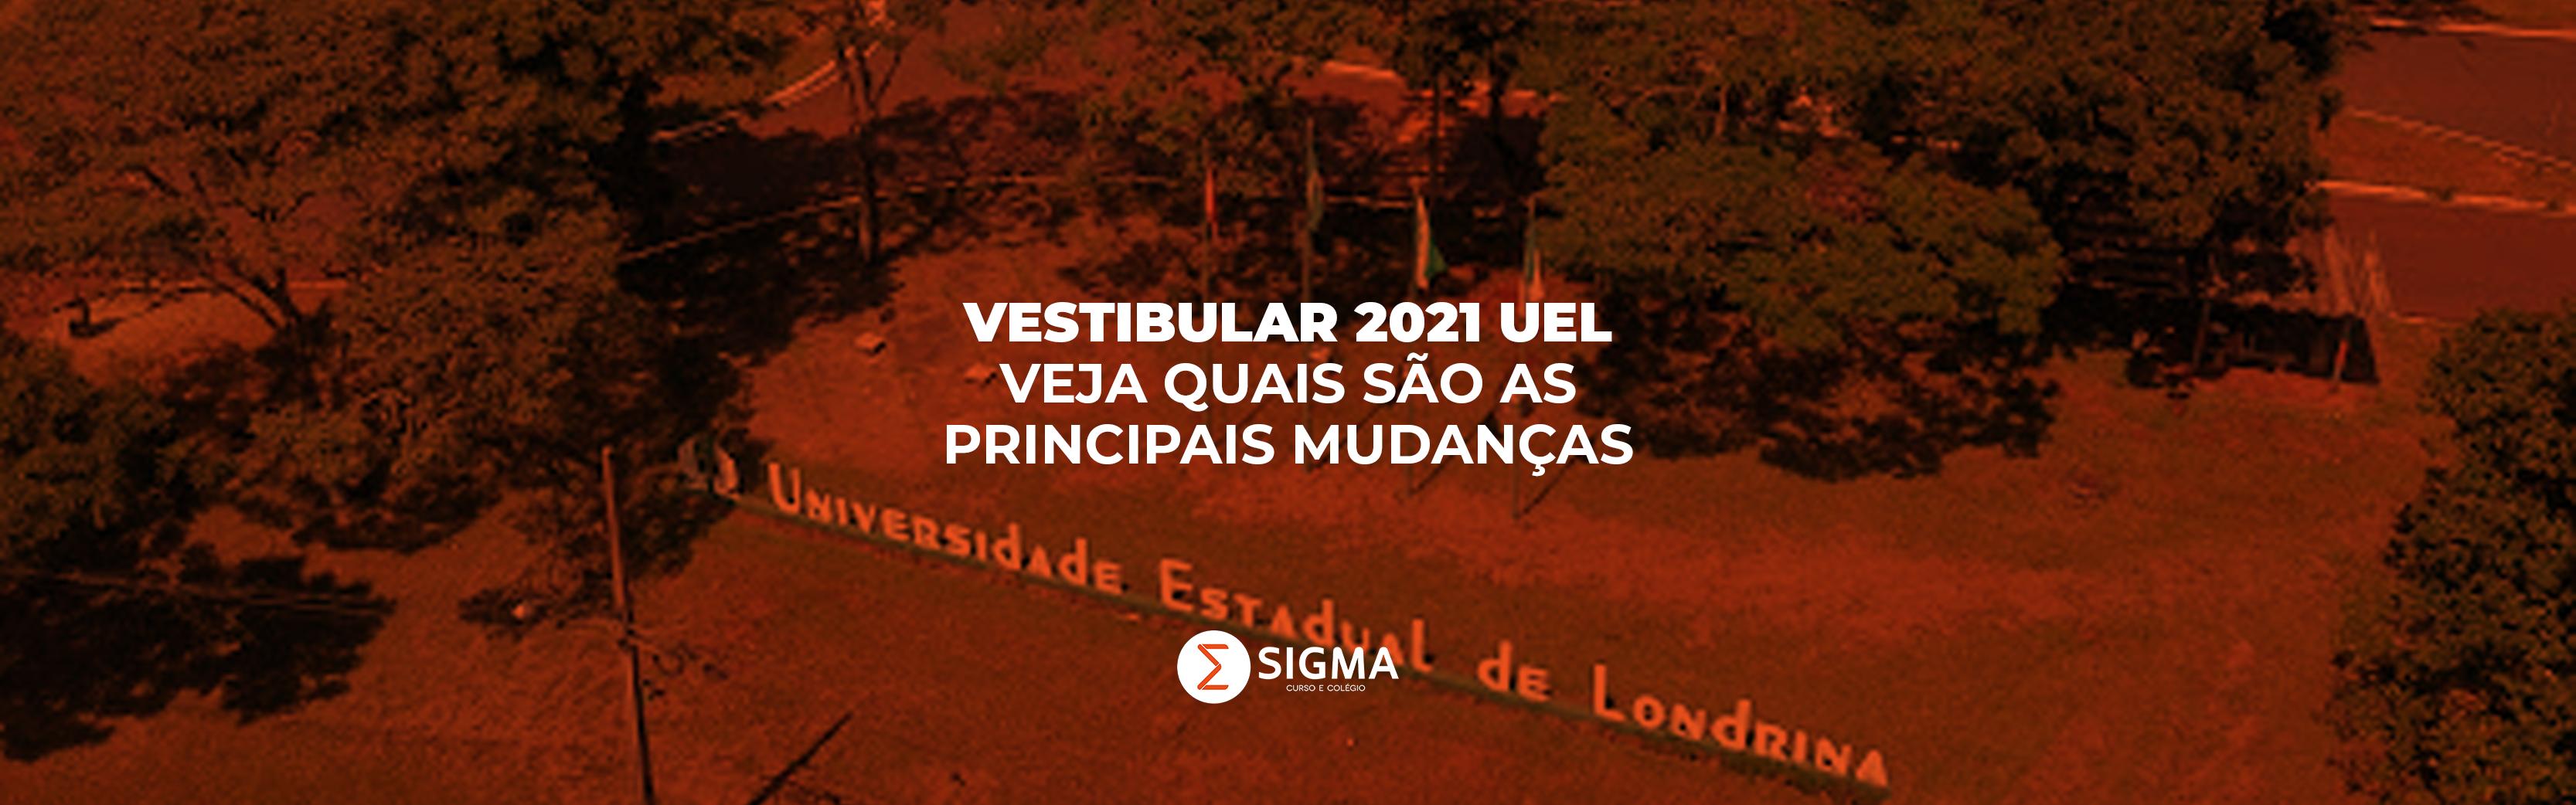 Vestibular 2021 da UEL: veja quais são as principais mudanças